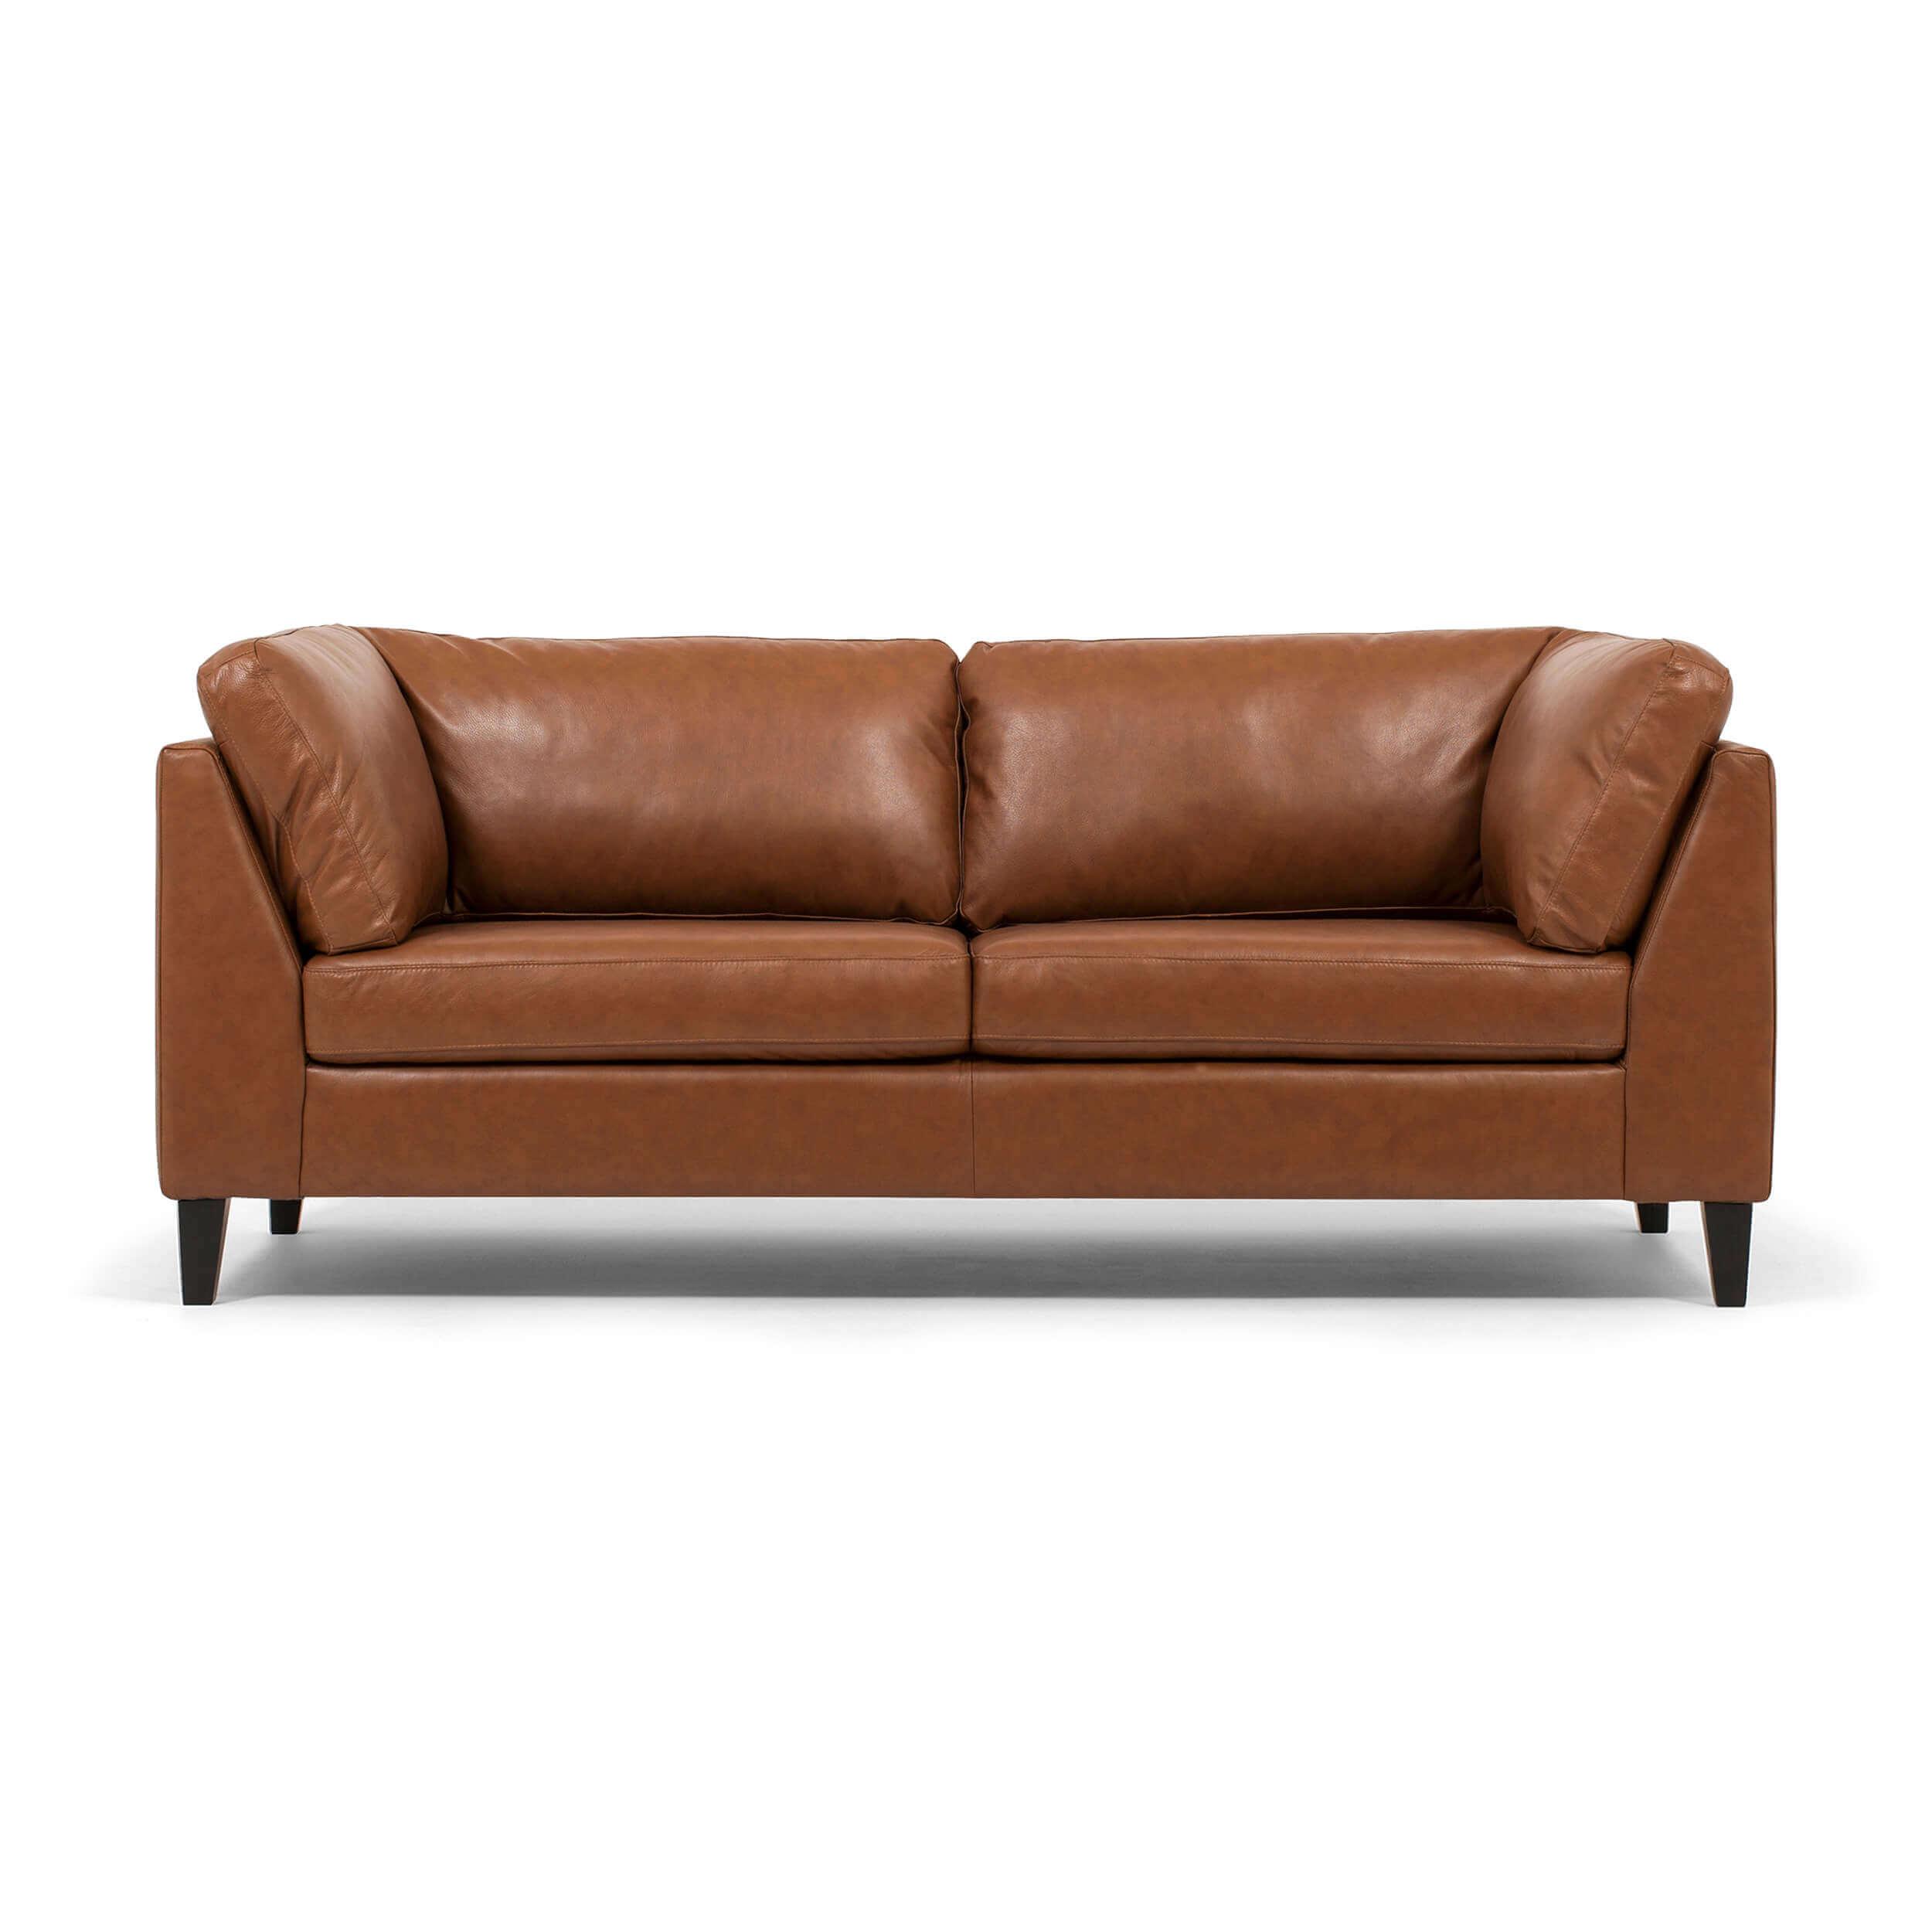 salema apartment sofa leather